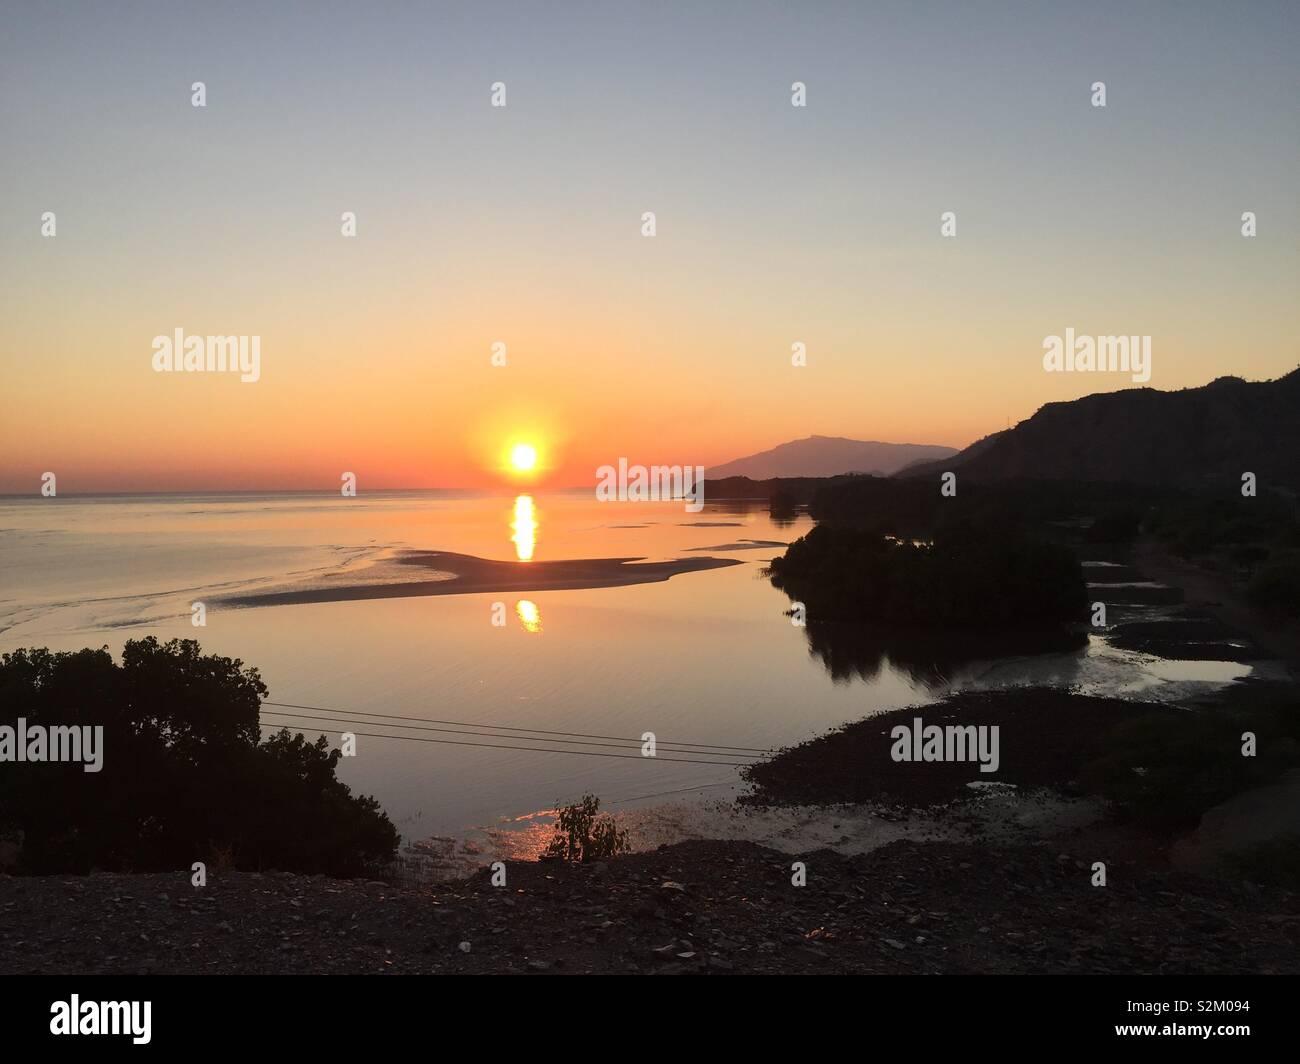 Sunrise in Dili, Timor Leste Stock Photo